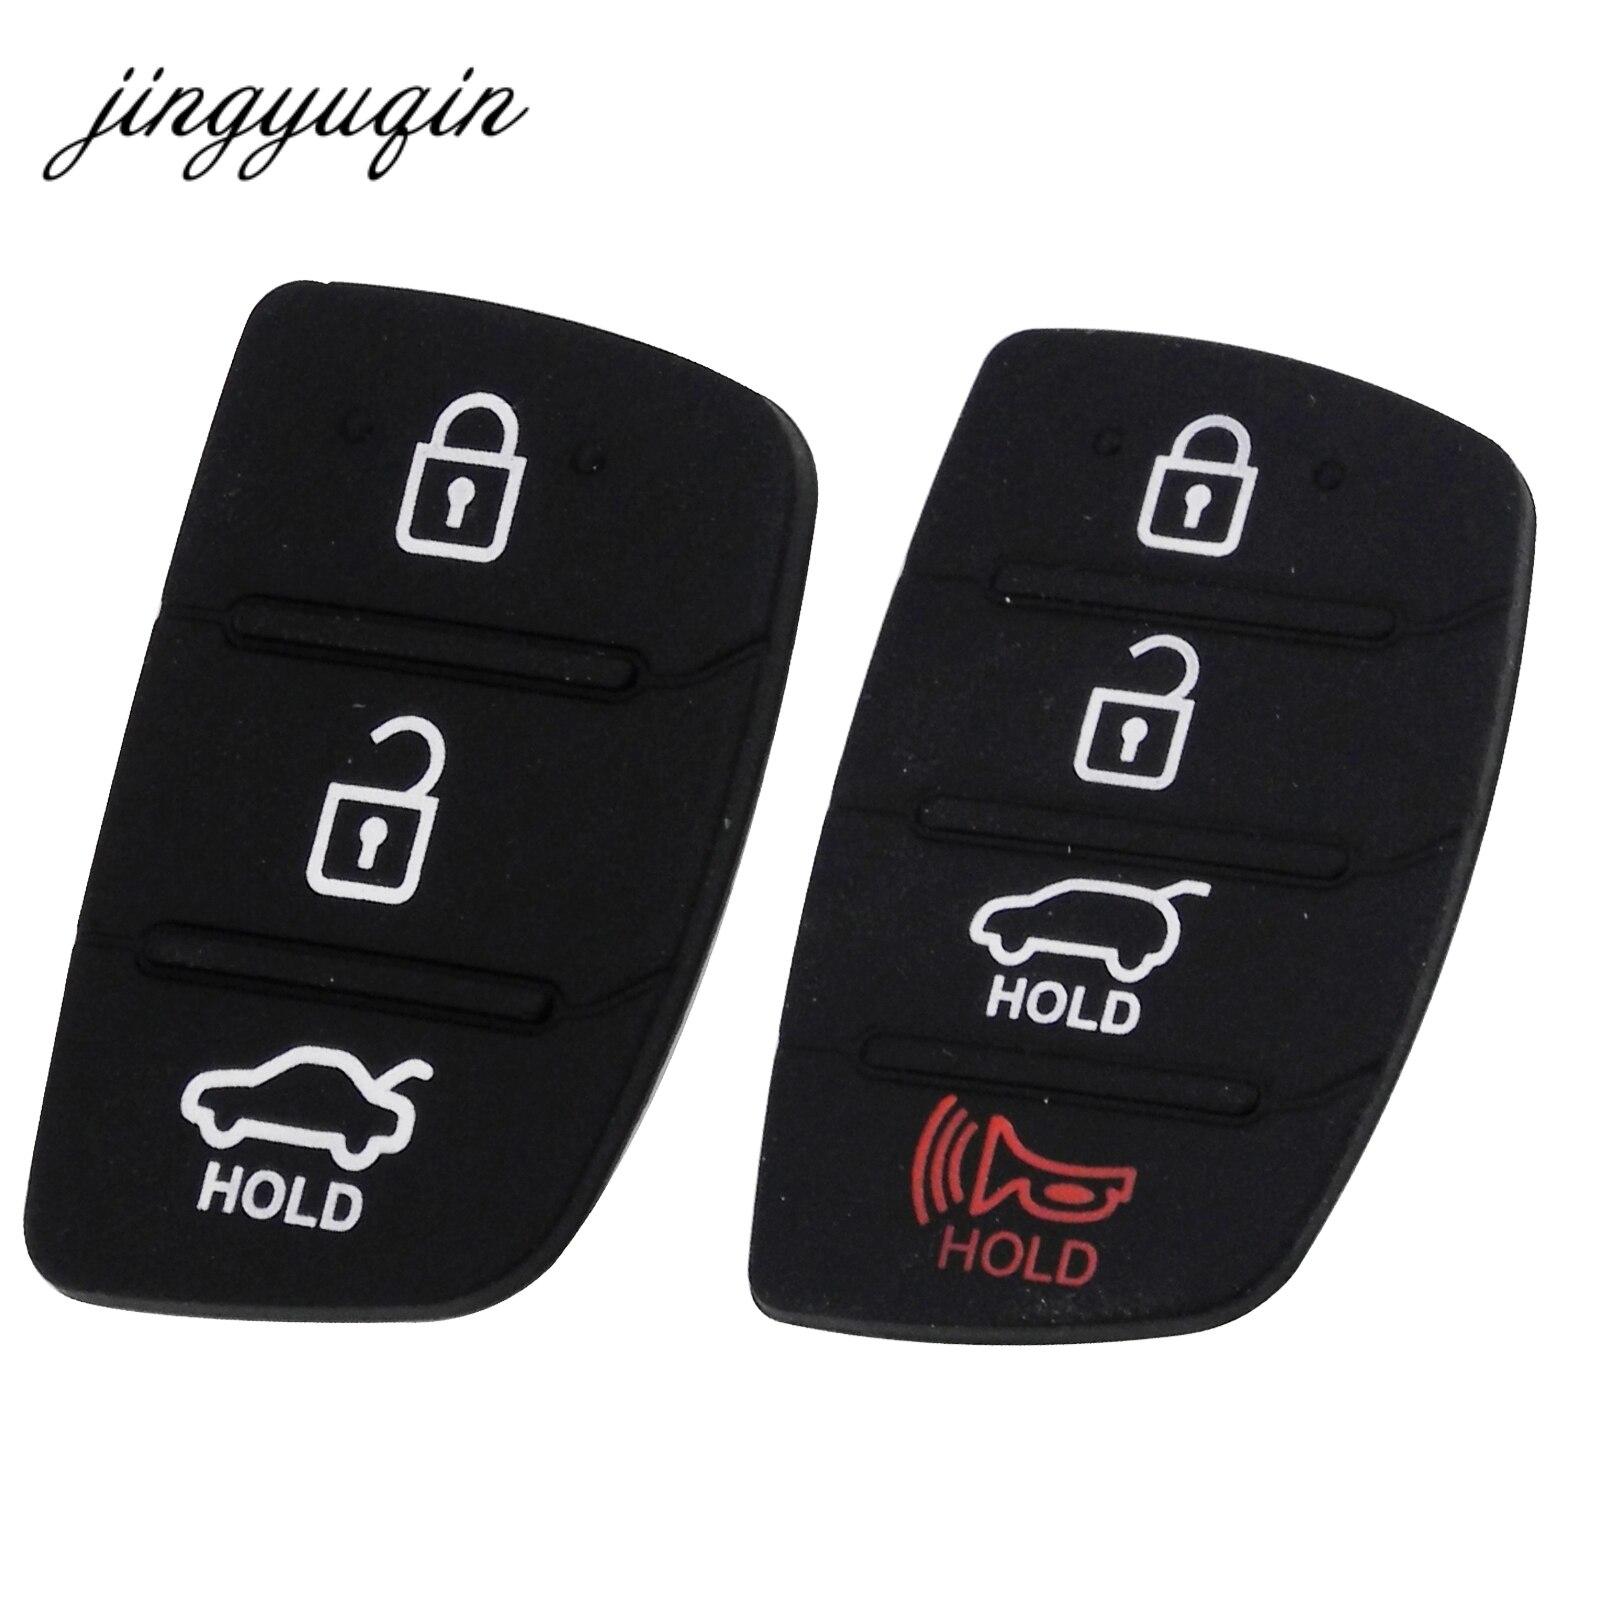 Aufstrebend Jingyuqin Gummi Auto Schlüssel Taste Pad Für Hyundai 3/4 Tasten Key Shell Blank Fall Auto Teile Ersatz